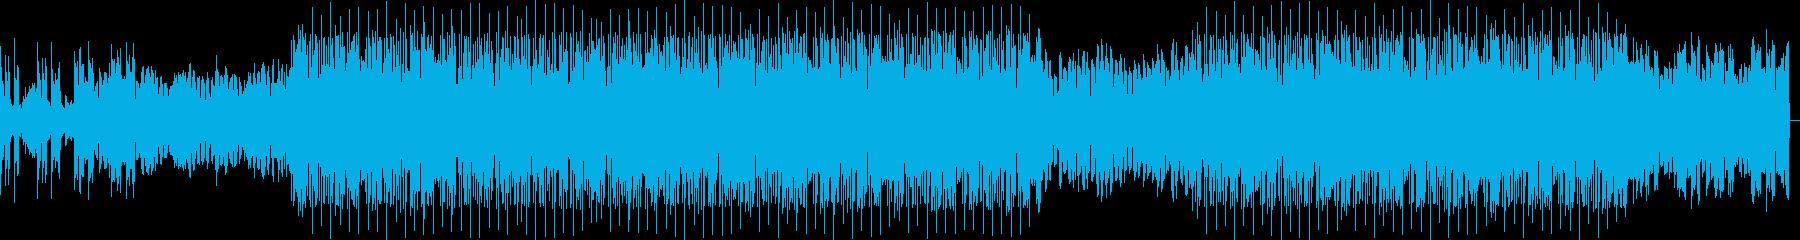 bpm104 ボコーダーEDMエレクトロの再生済みの波形